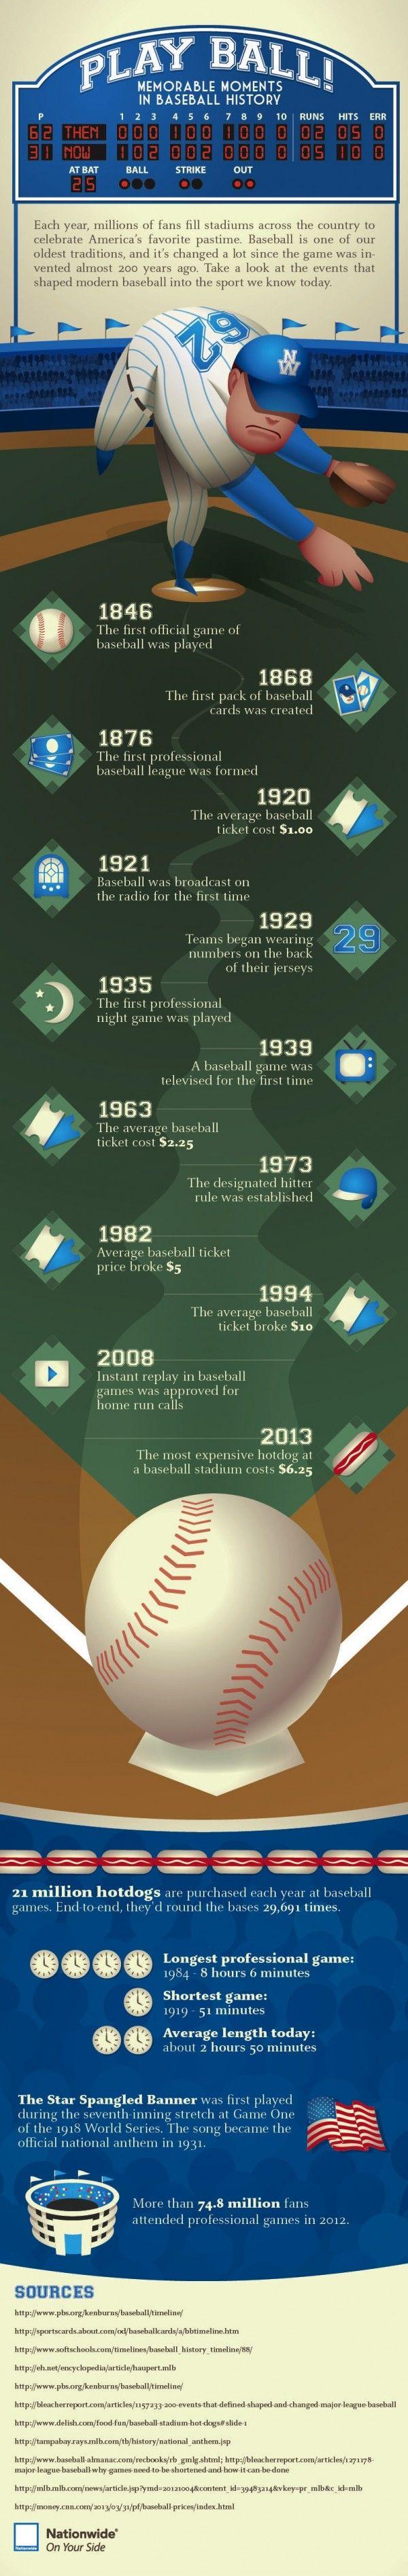 Baseball Facts and Trivia